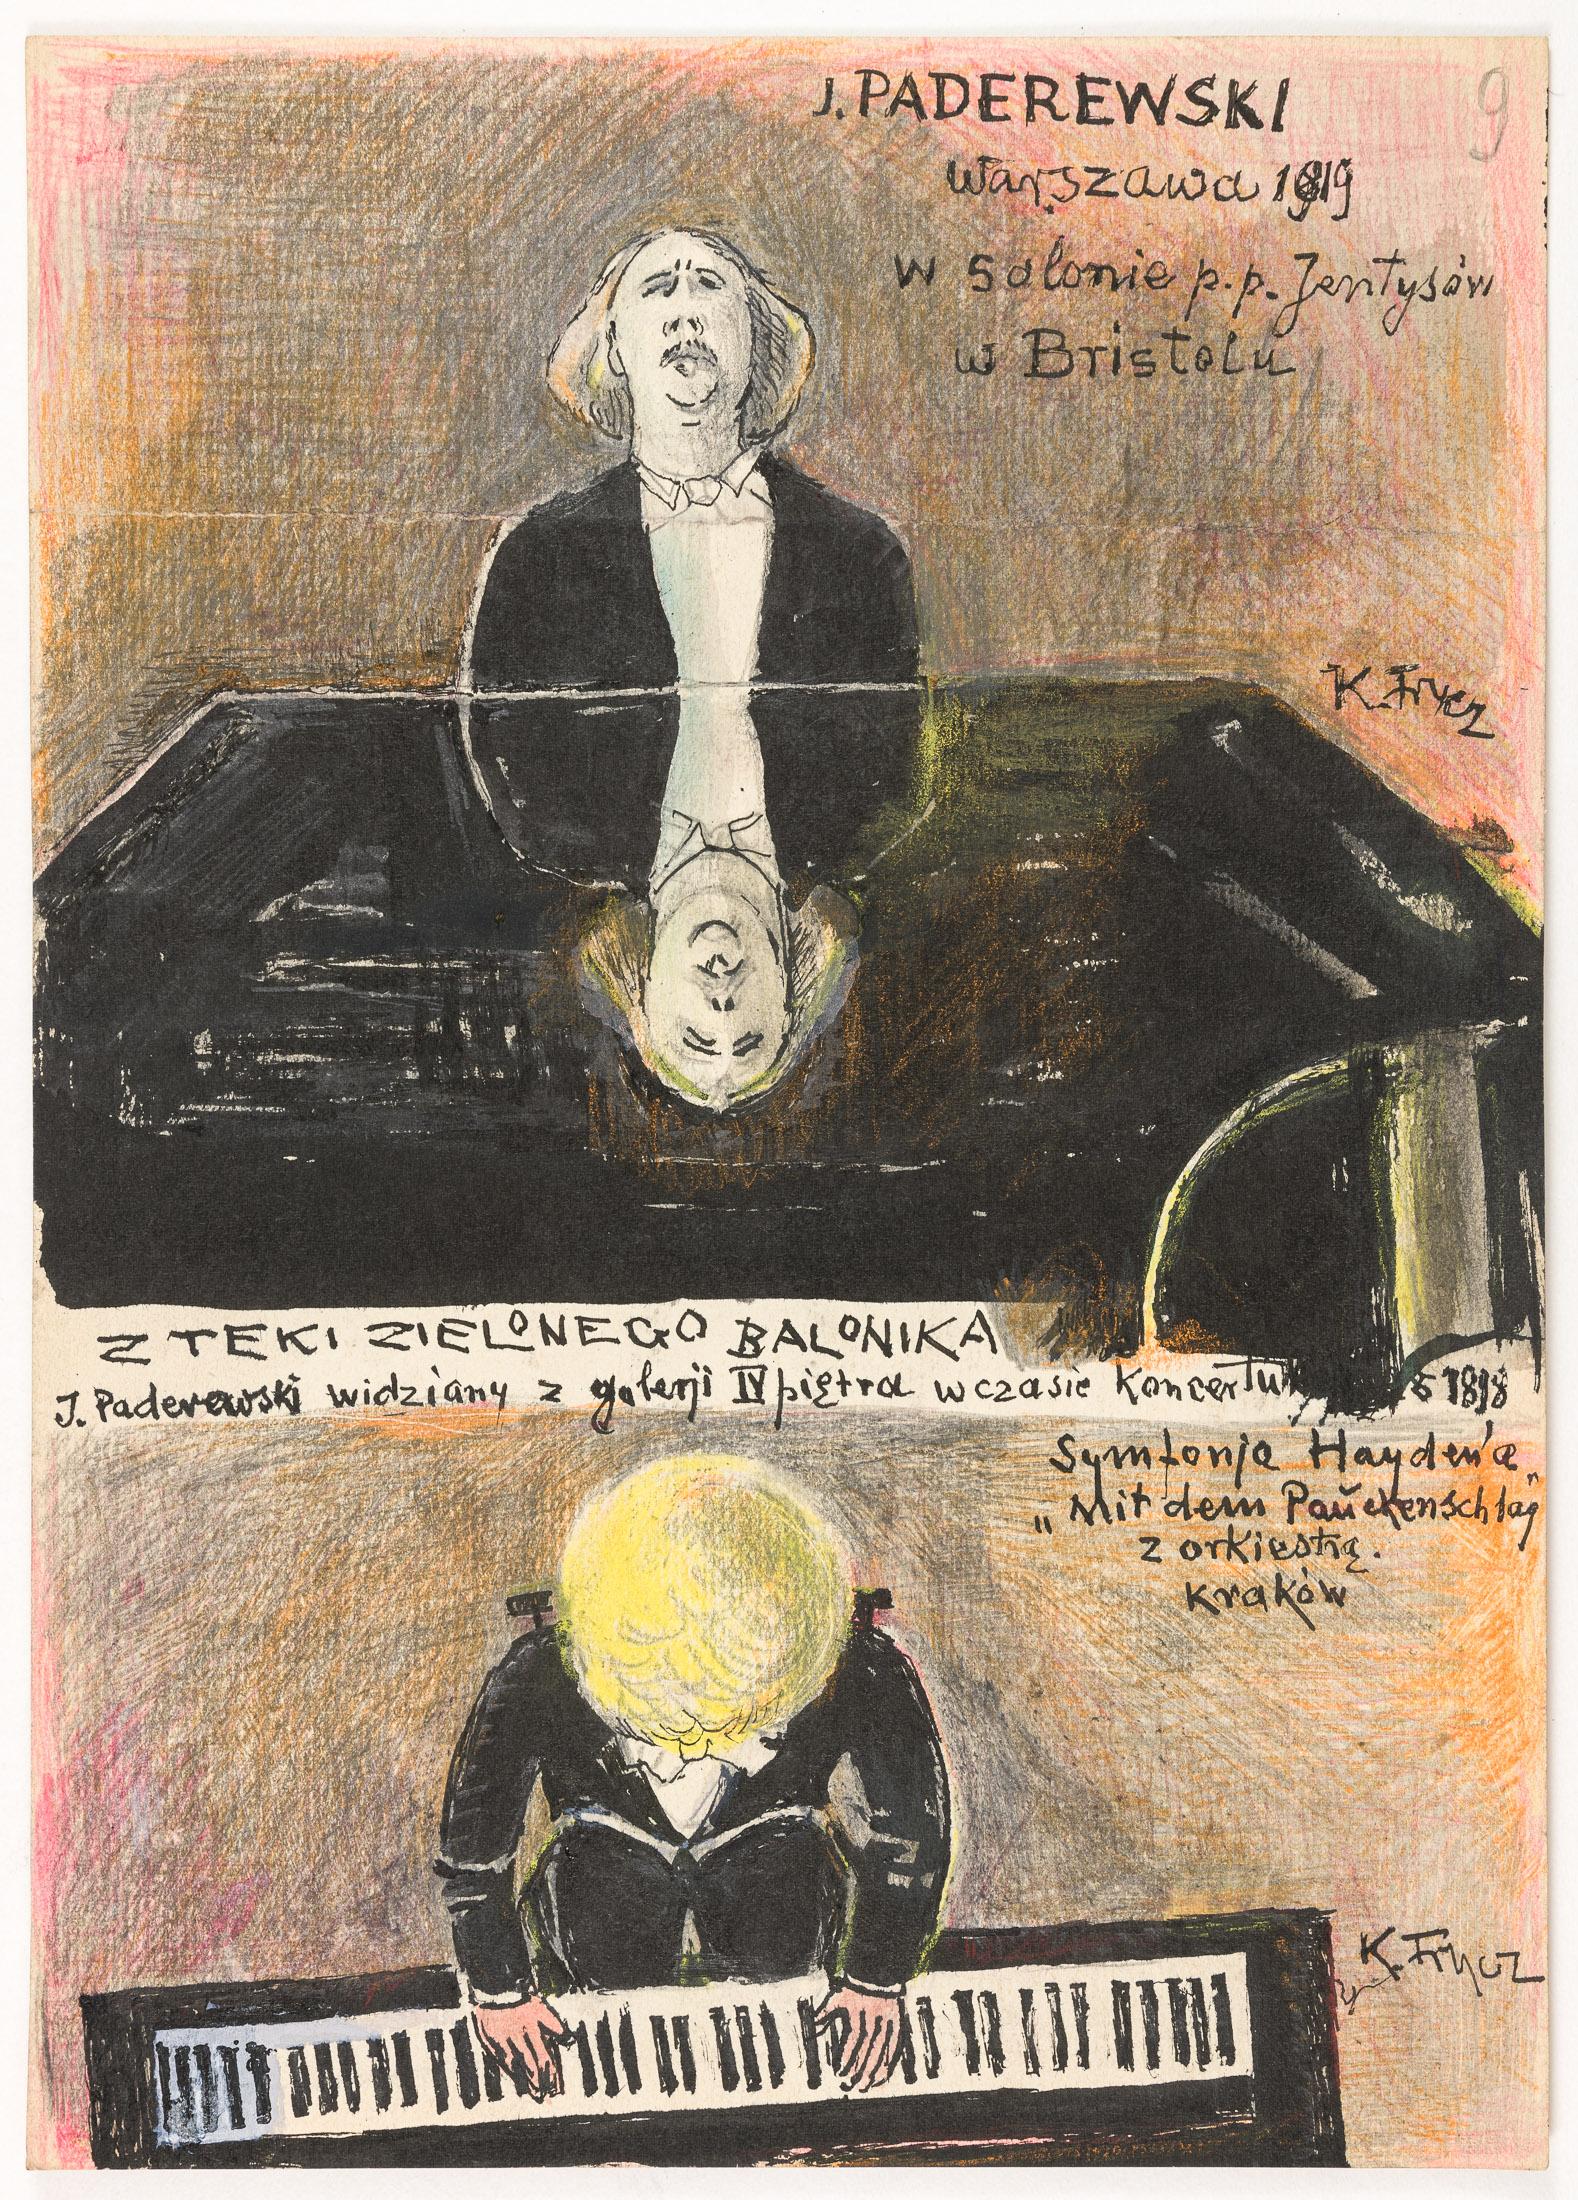 Ignacy Paderewski w czasie warszawskiego koncertu, 1919